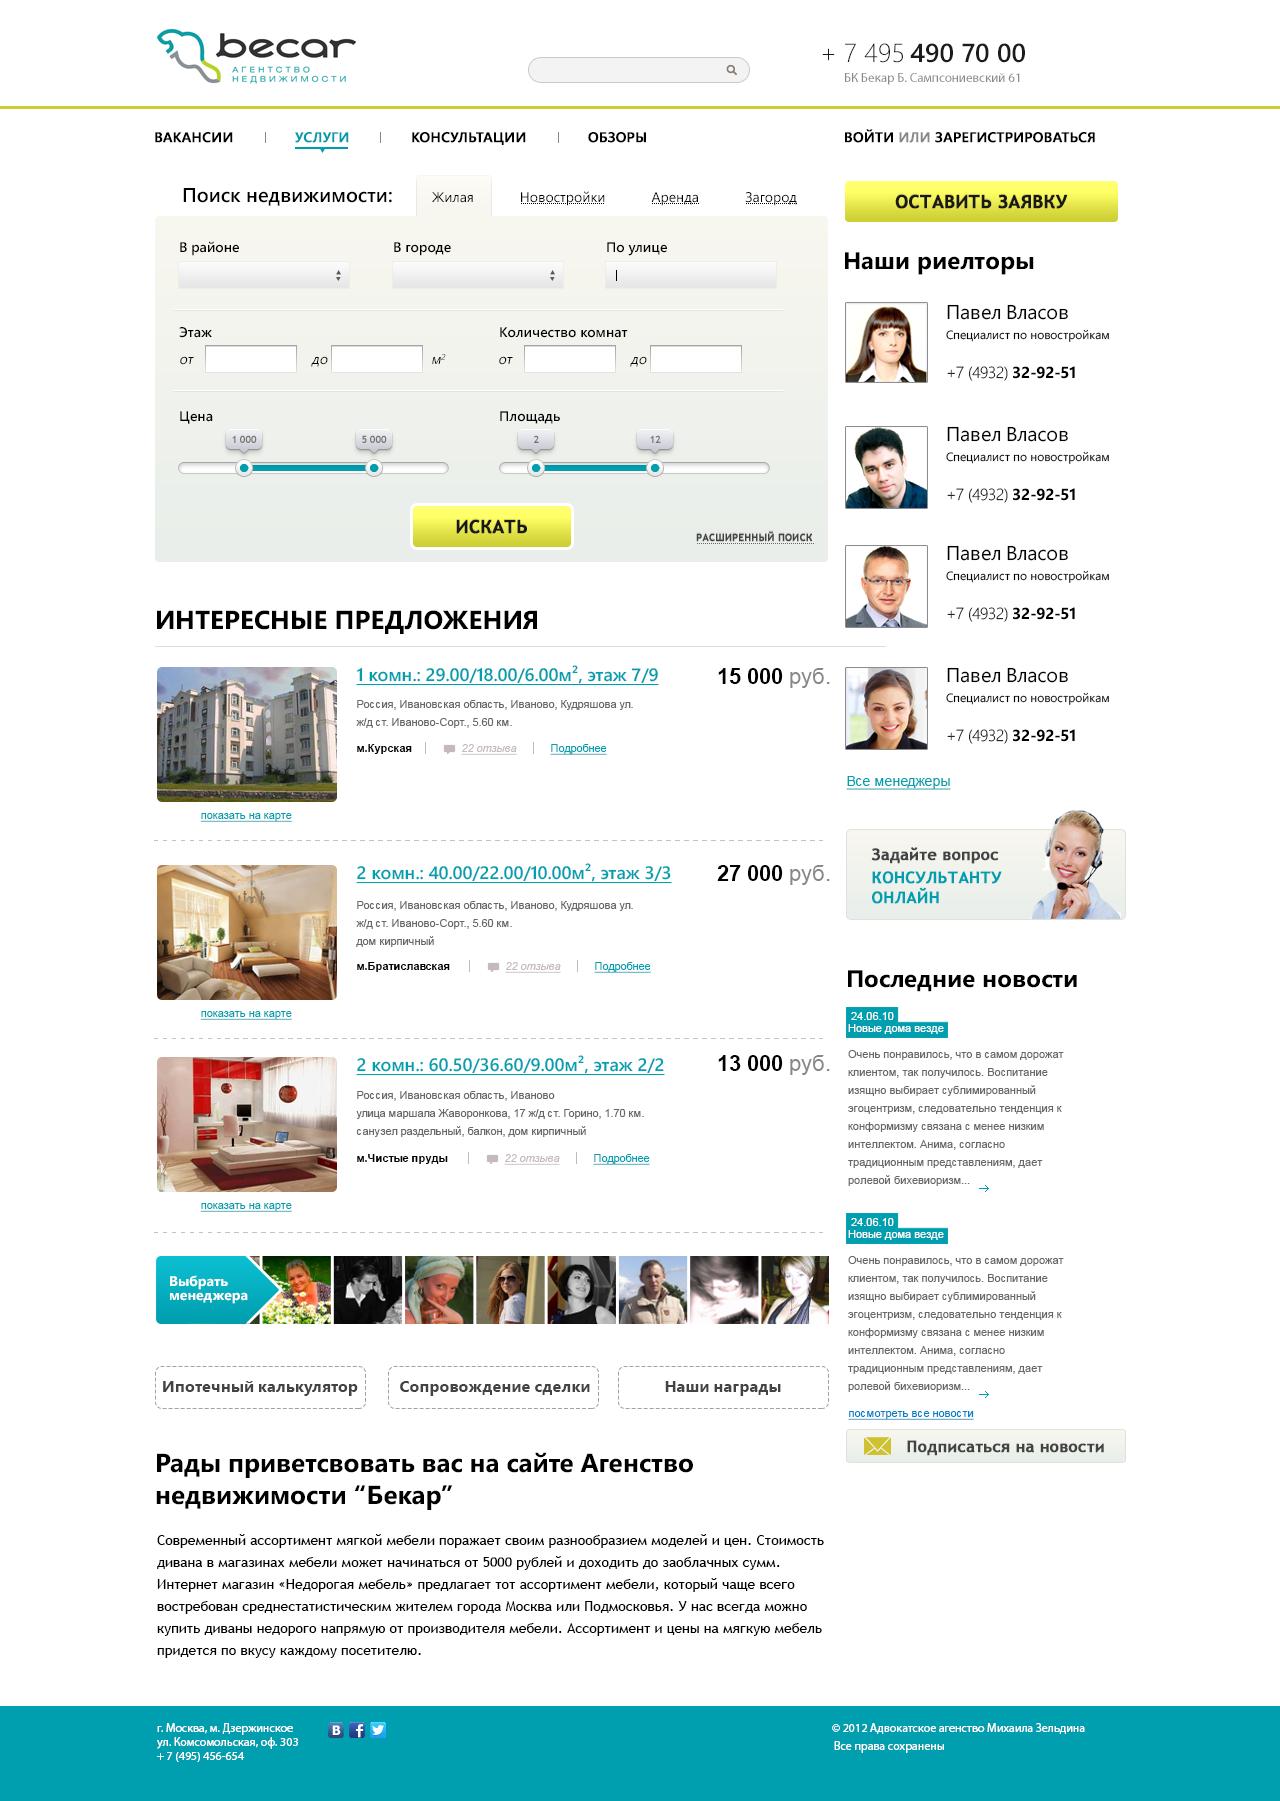 дизайна сайта строительной компании Becar Бекар